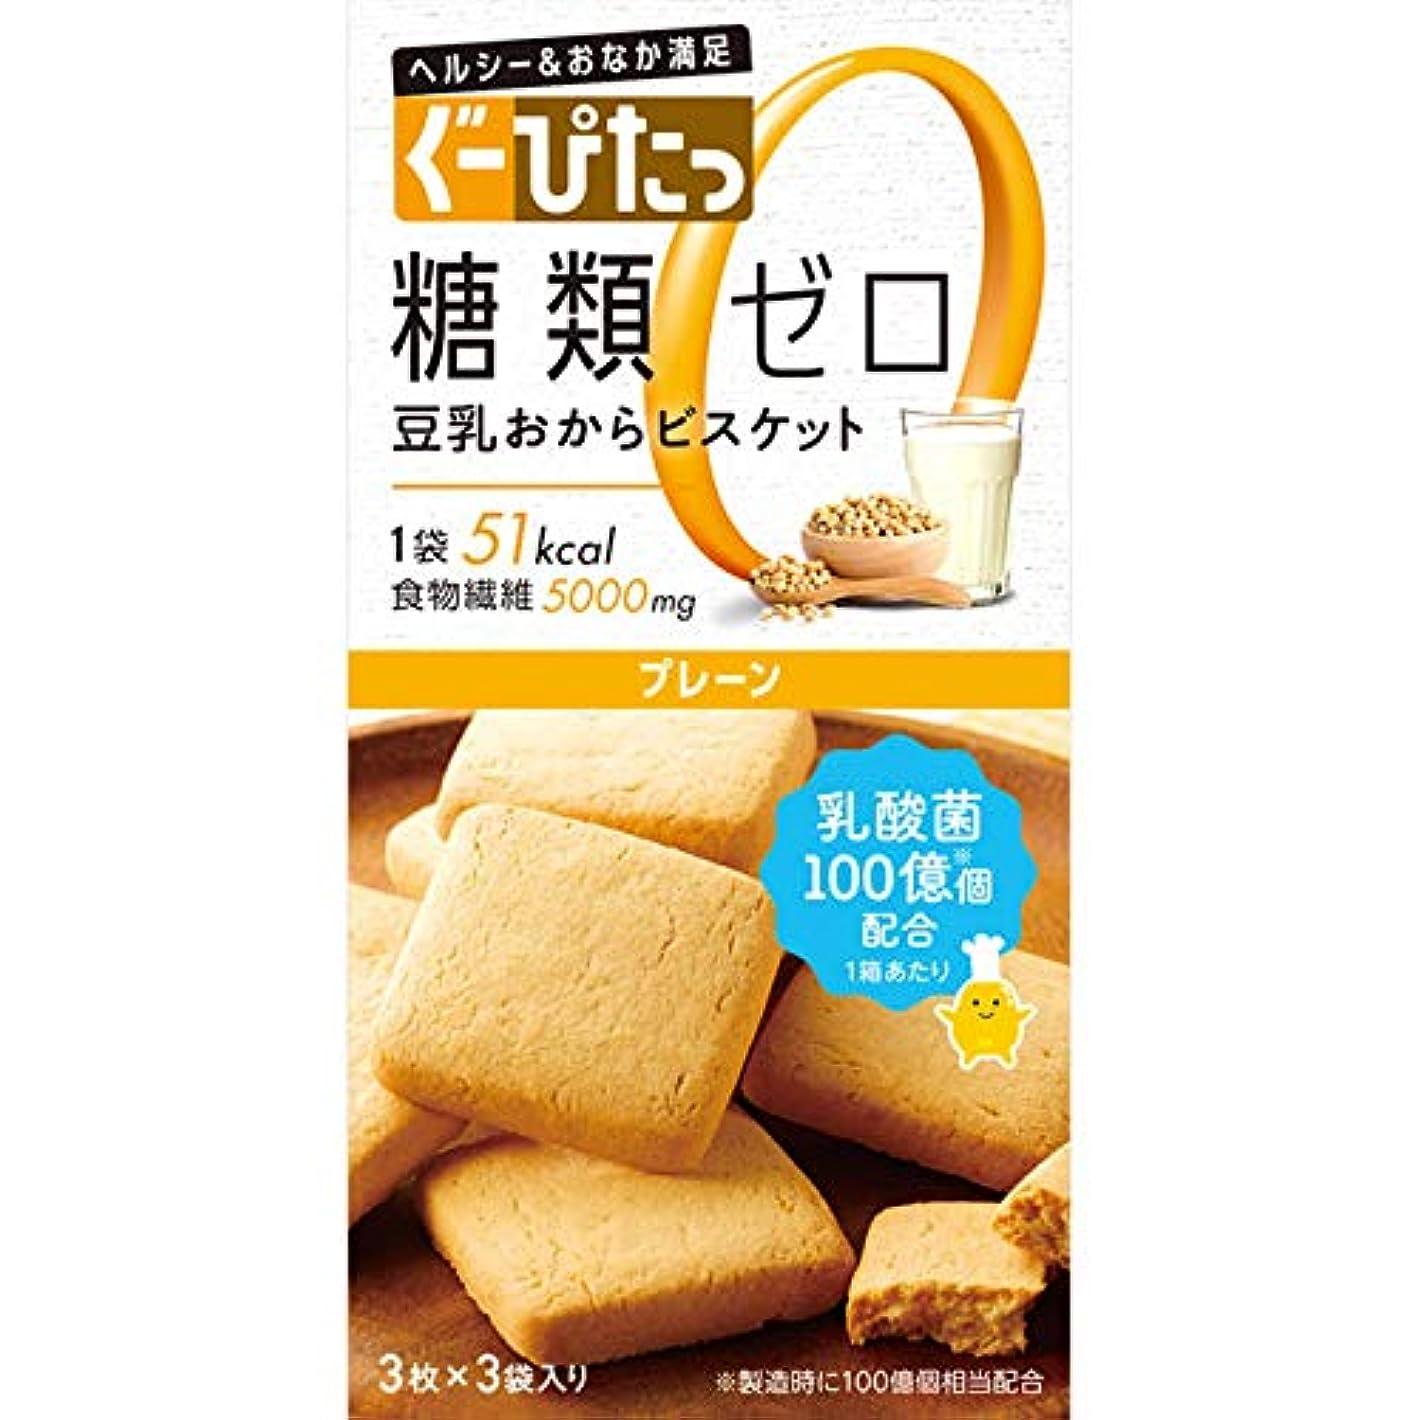 告白学者単位ナリスアップ ぐーぴたっ 豆乳おからビスケット プレーン (3枚×3袋) ダイエット食品